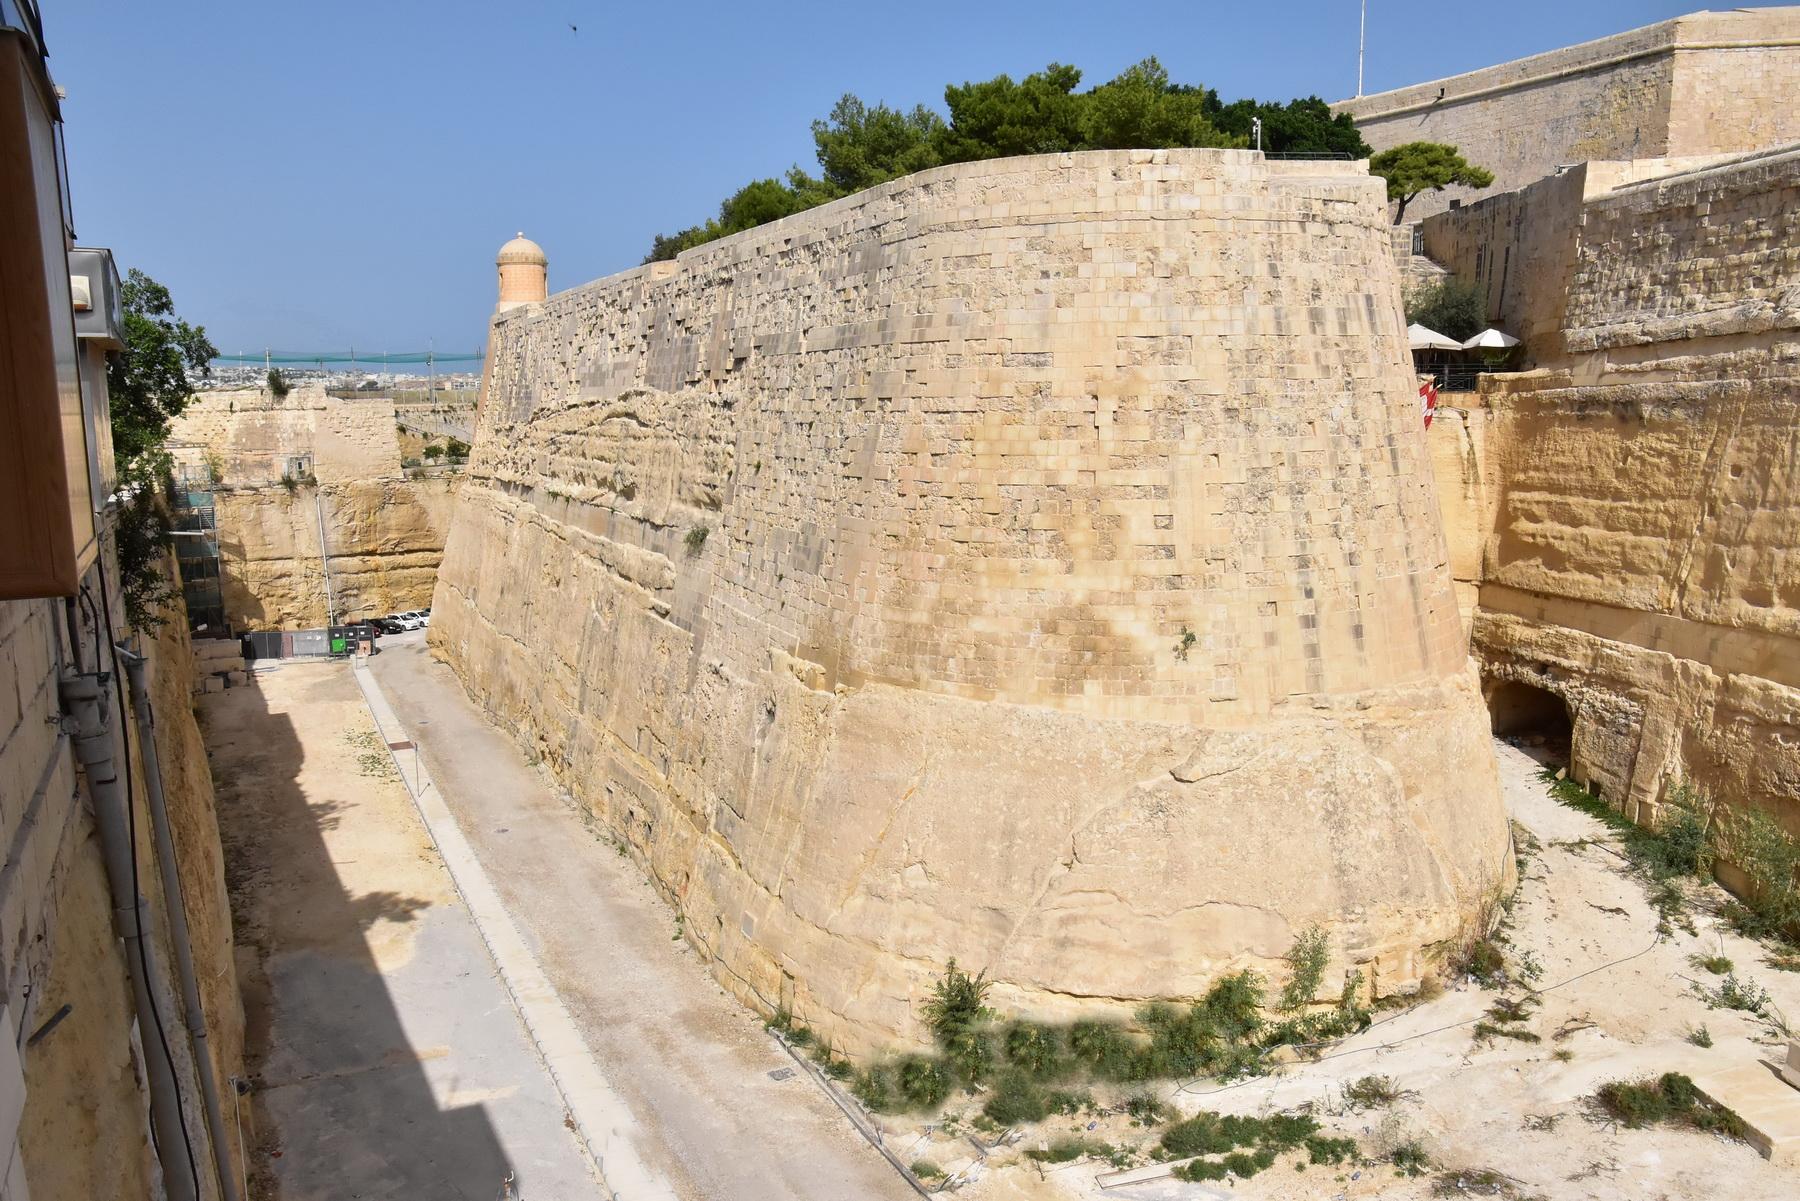 וולטה הבירה - חומת העיר העתיקה